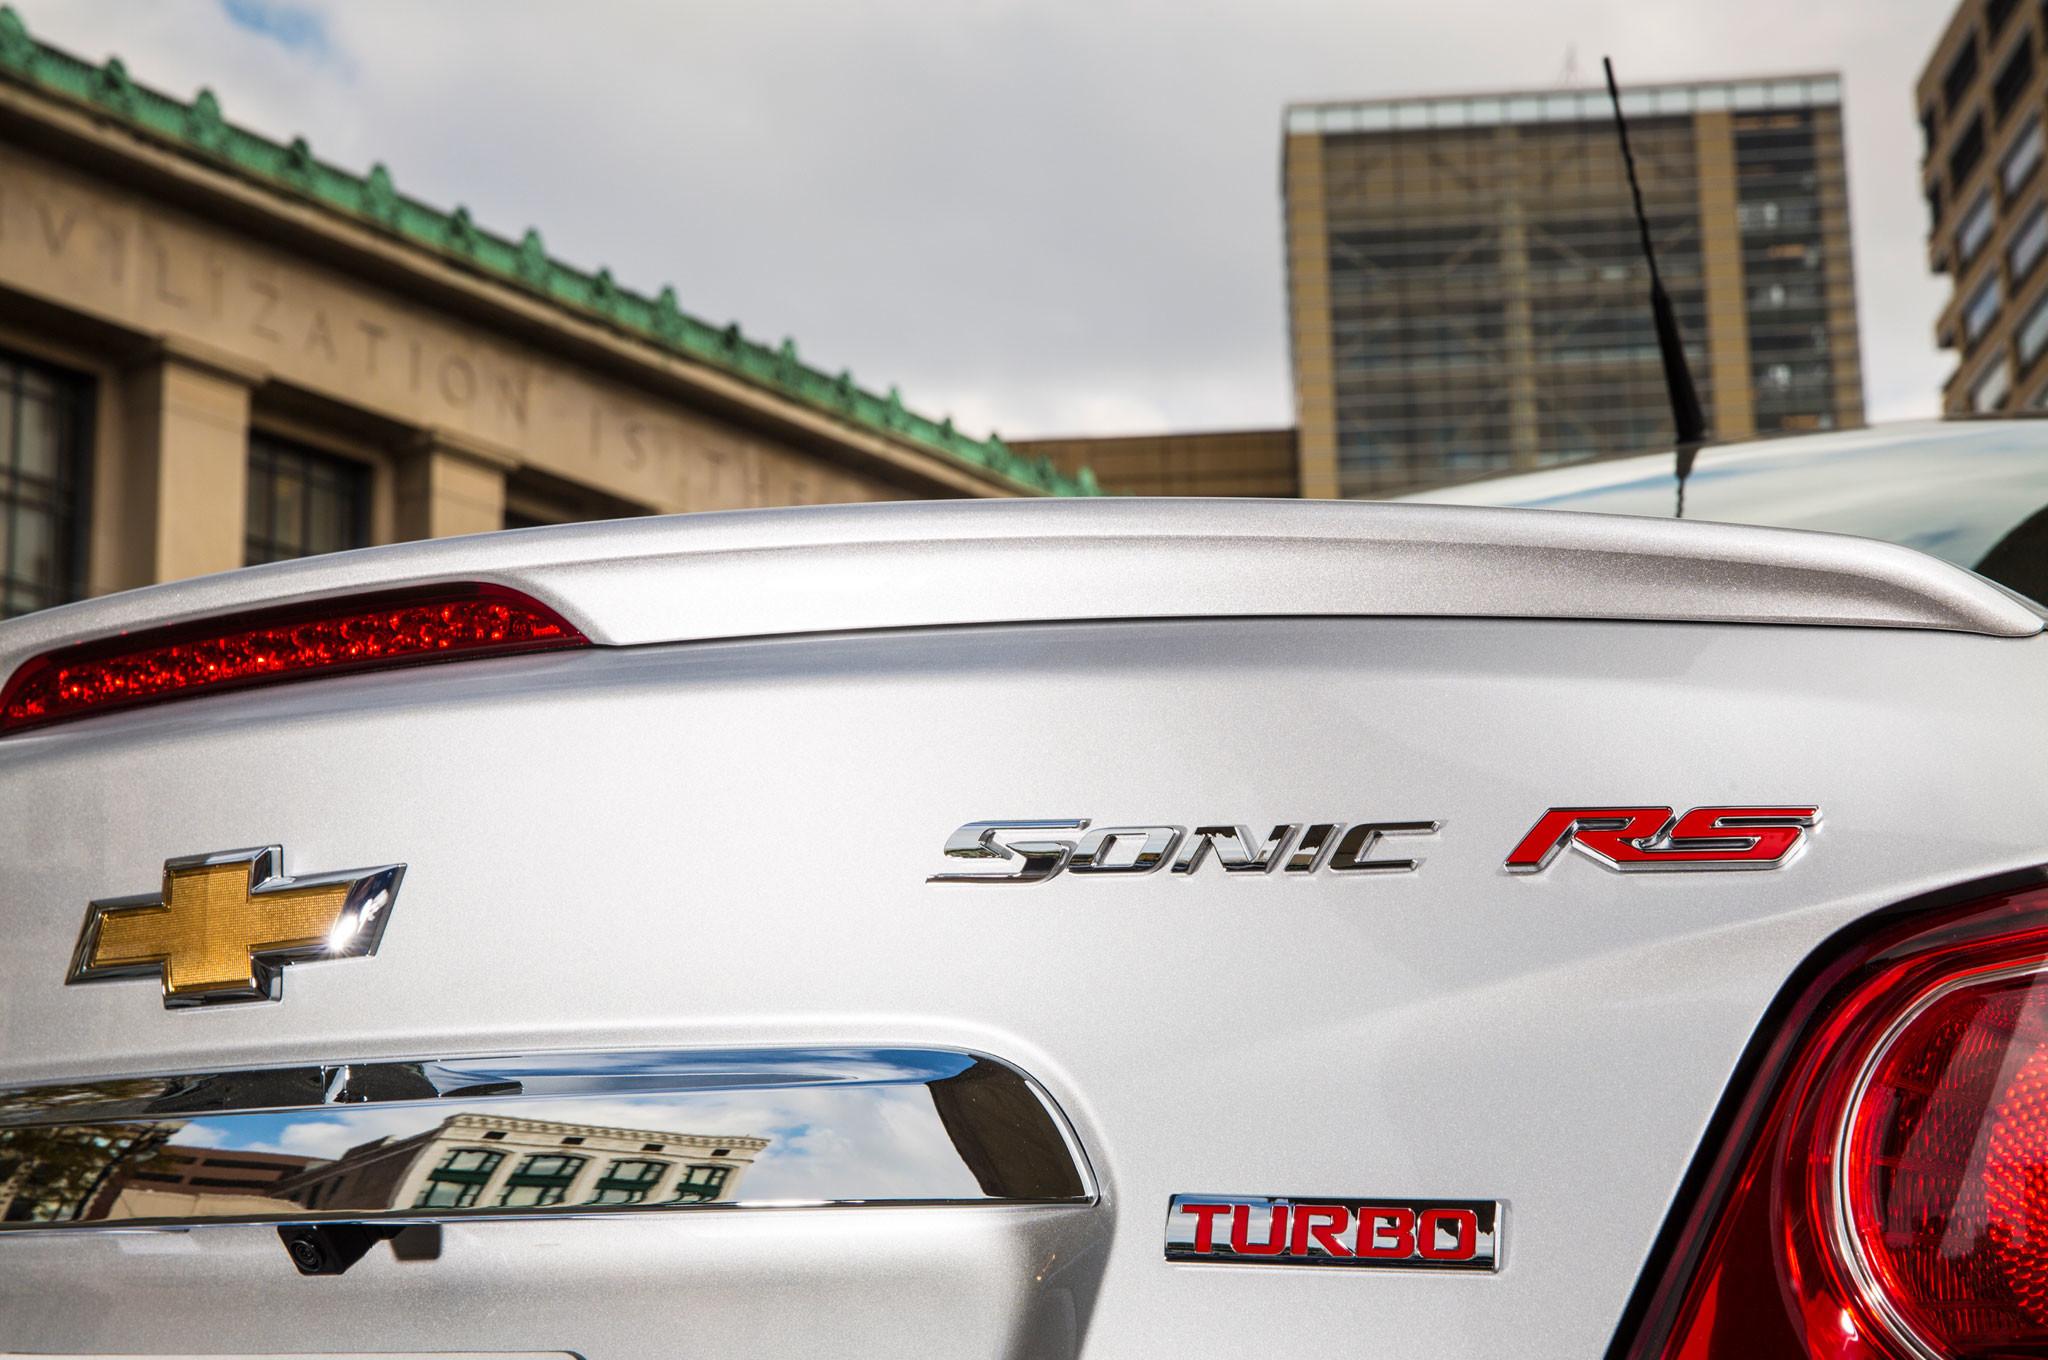 2015 Chevrolet Sonic RS Sedan Badge